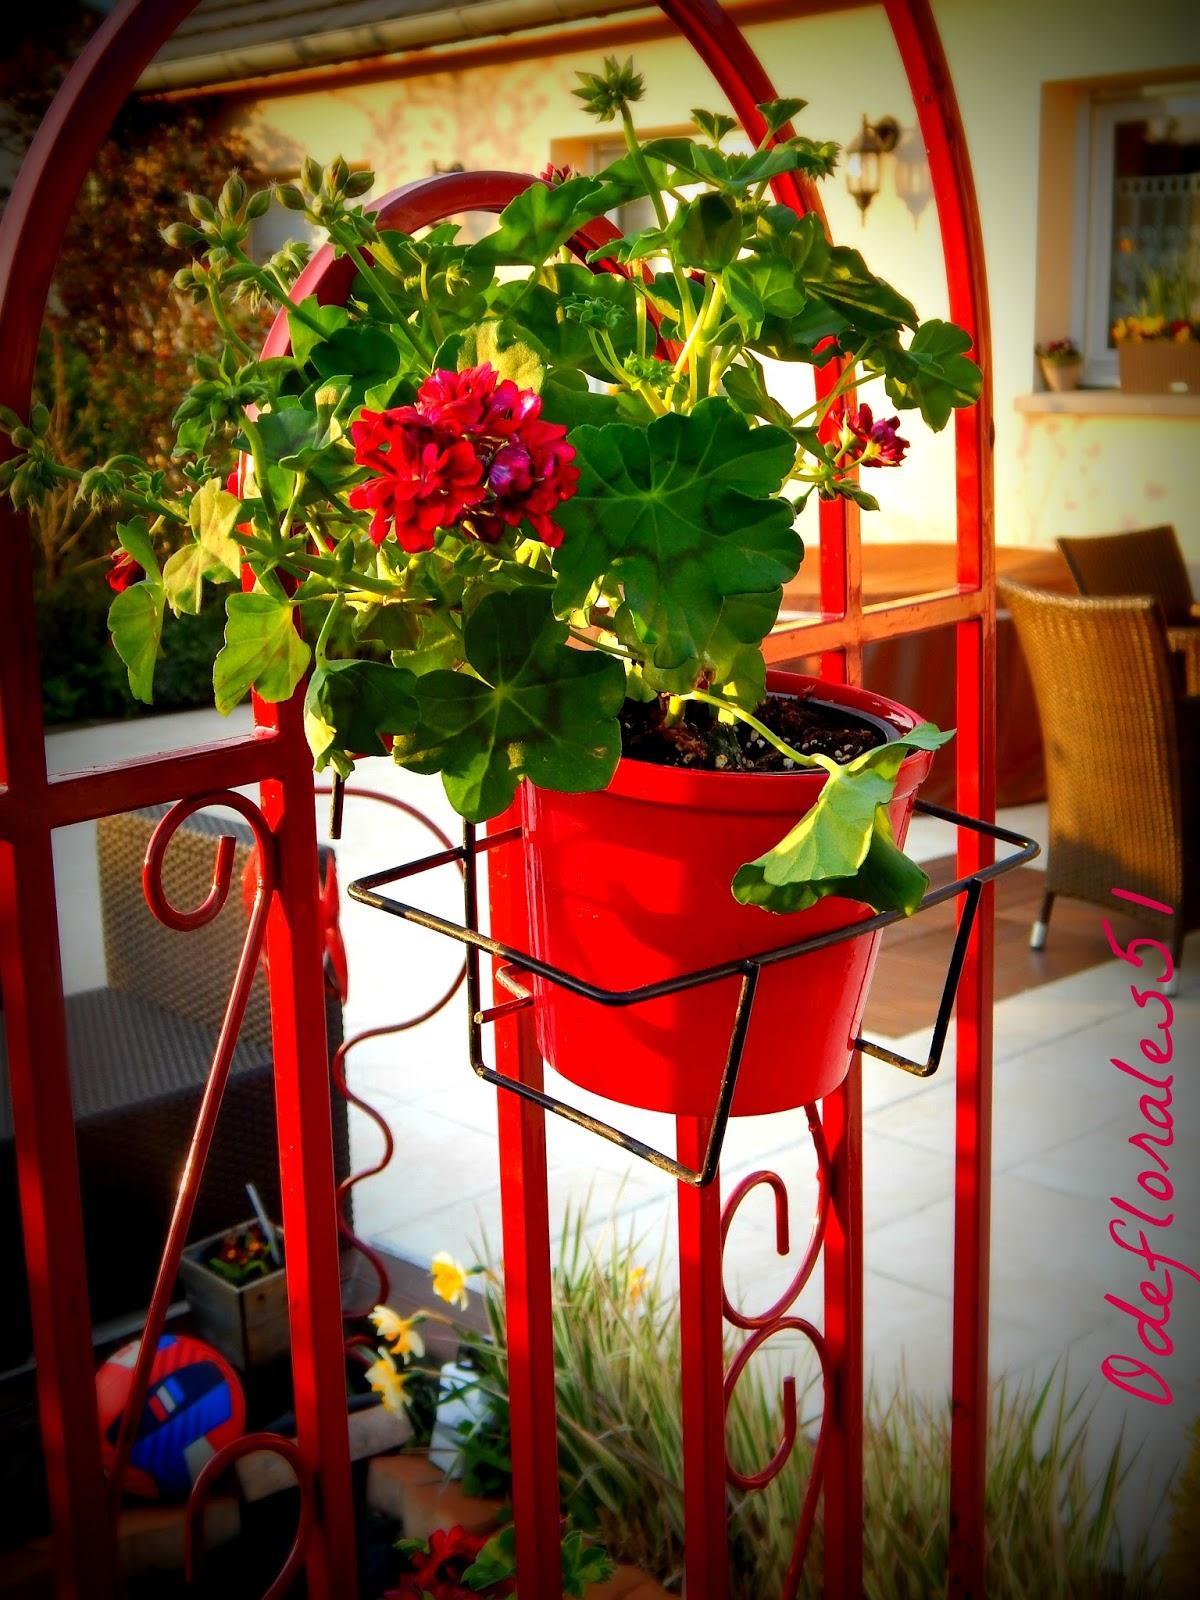 Beaut s florales la d co du jardin en rouge for Deco du jardin